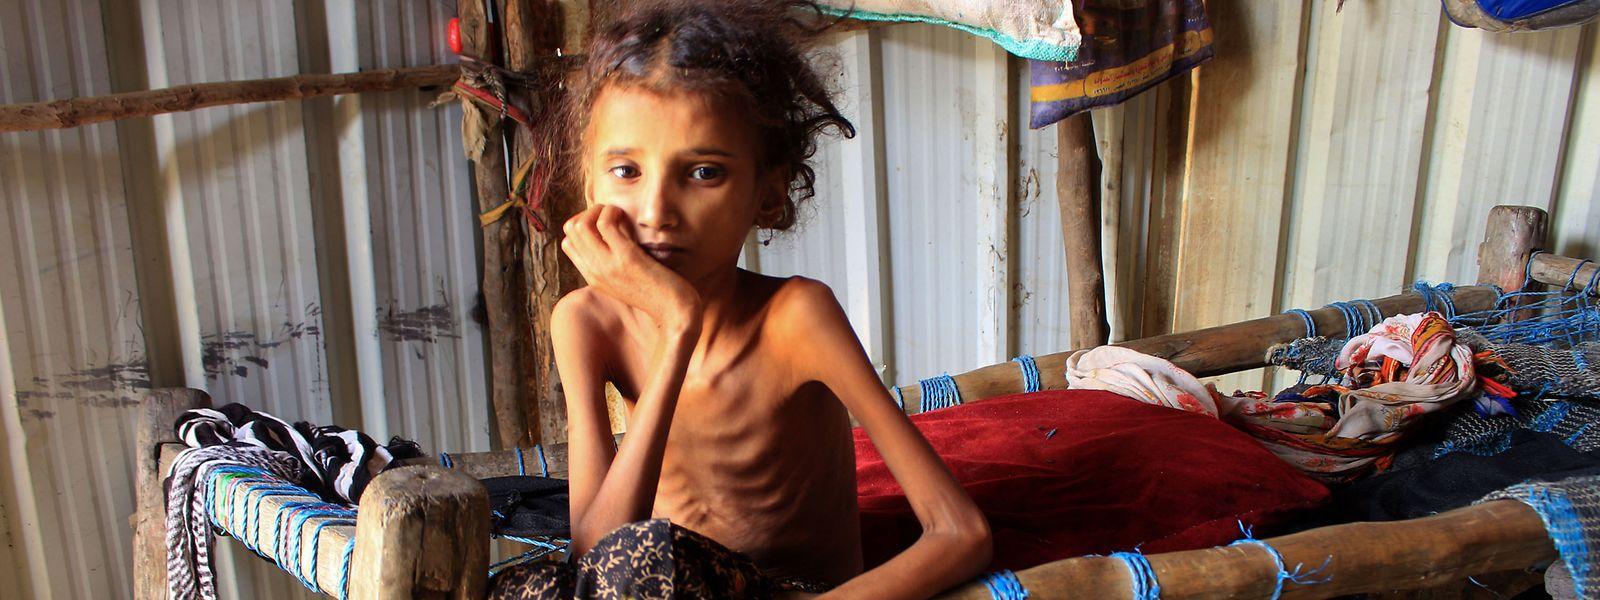 24 Millionen Jemeniten sind auf Nahrungshilfe aus dem Ausland angewiesen. Besonders schlimm trifft es die Kinder, die unter akuter Unterernährung leiden.